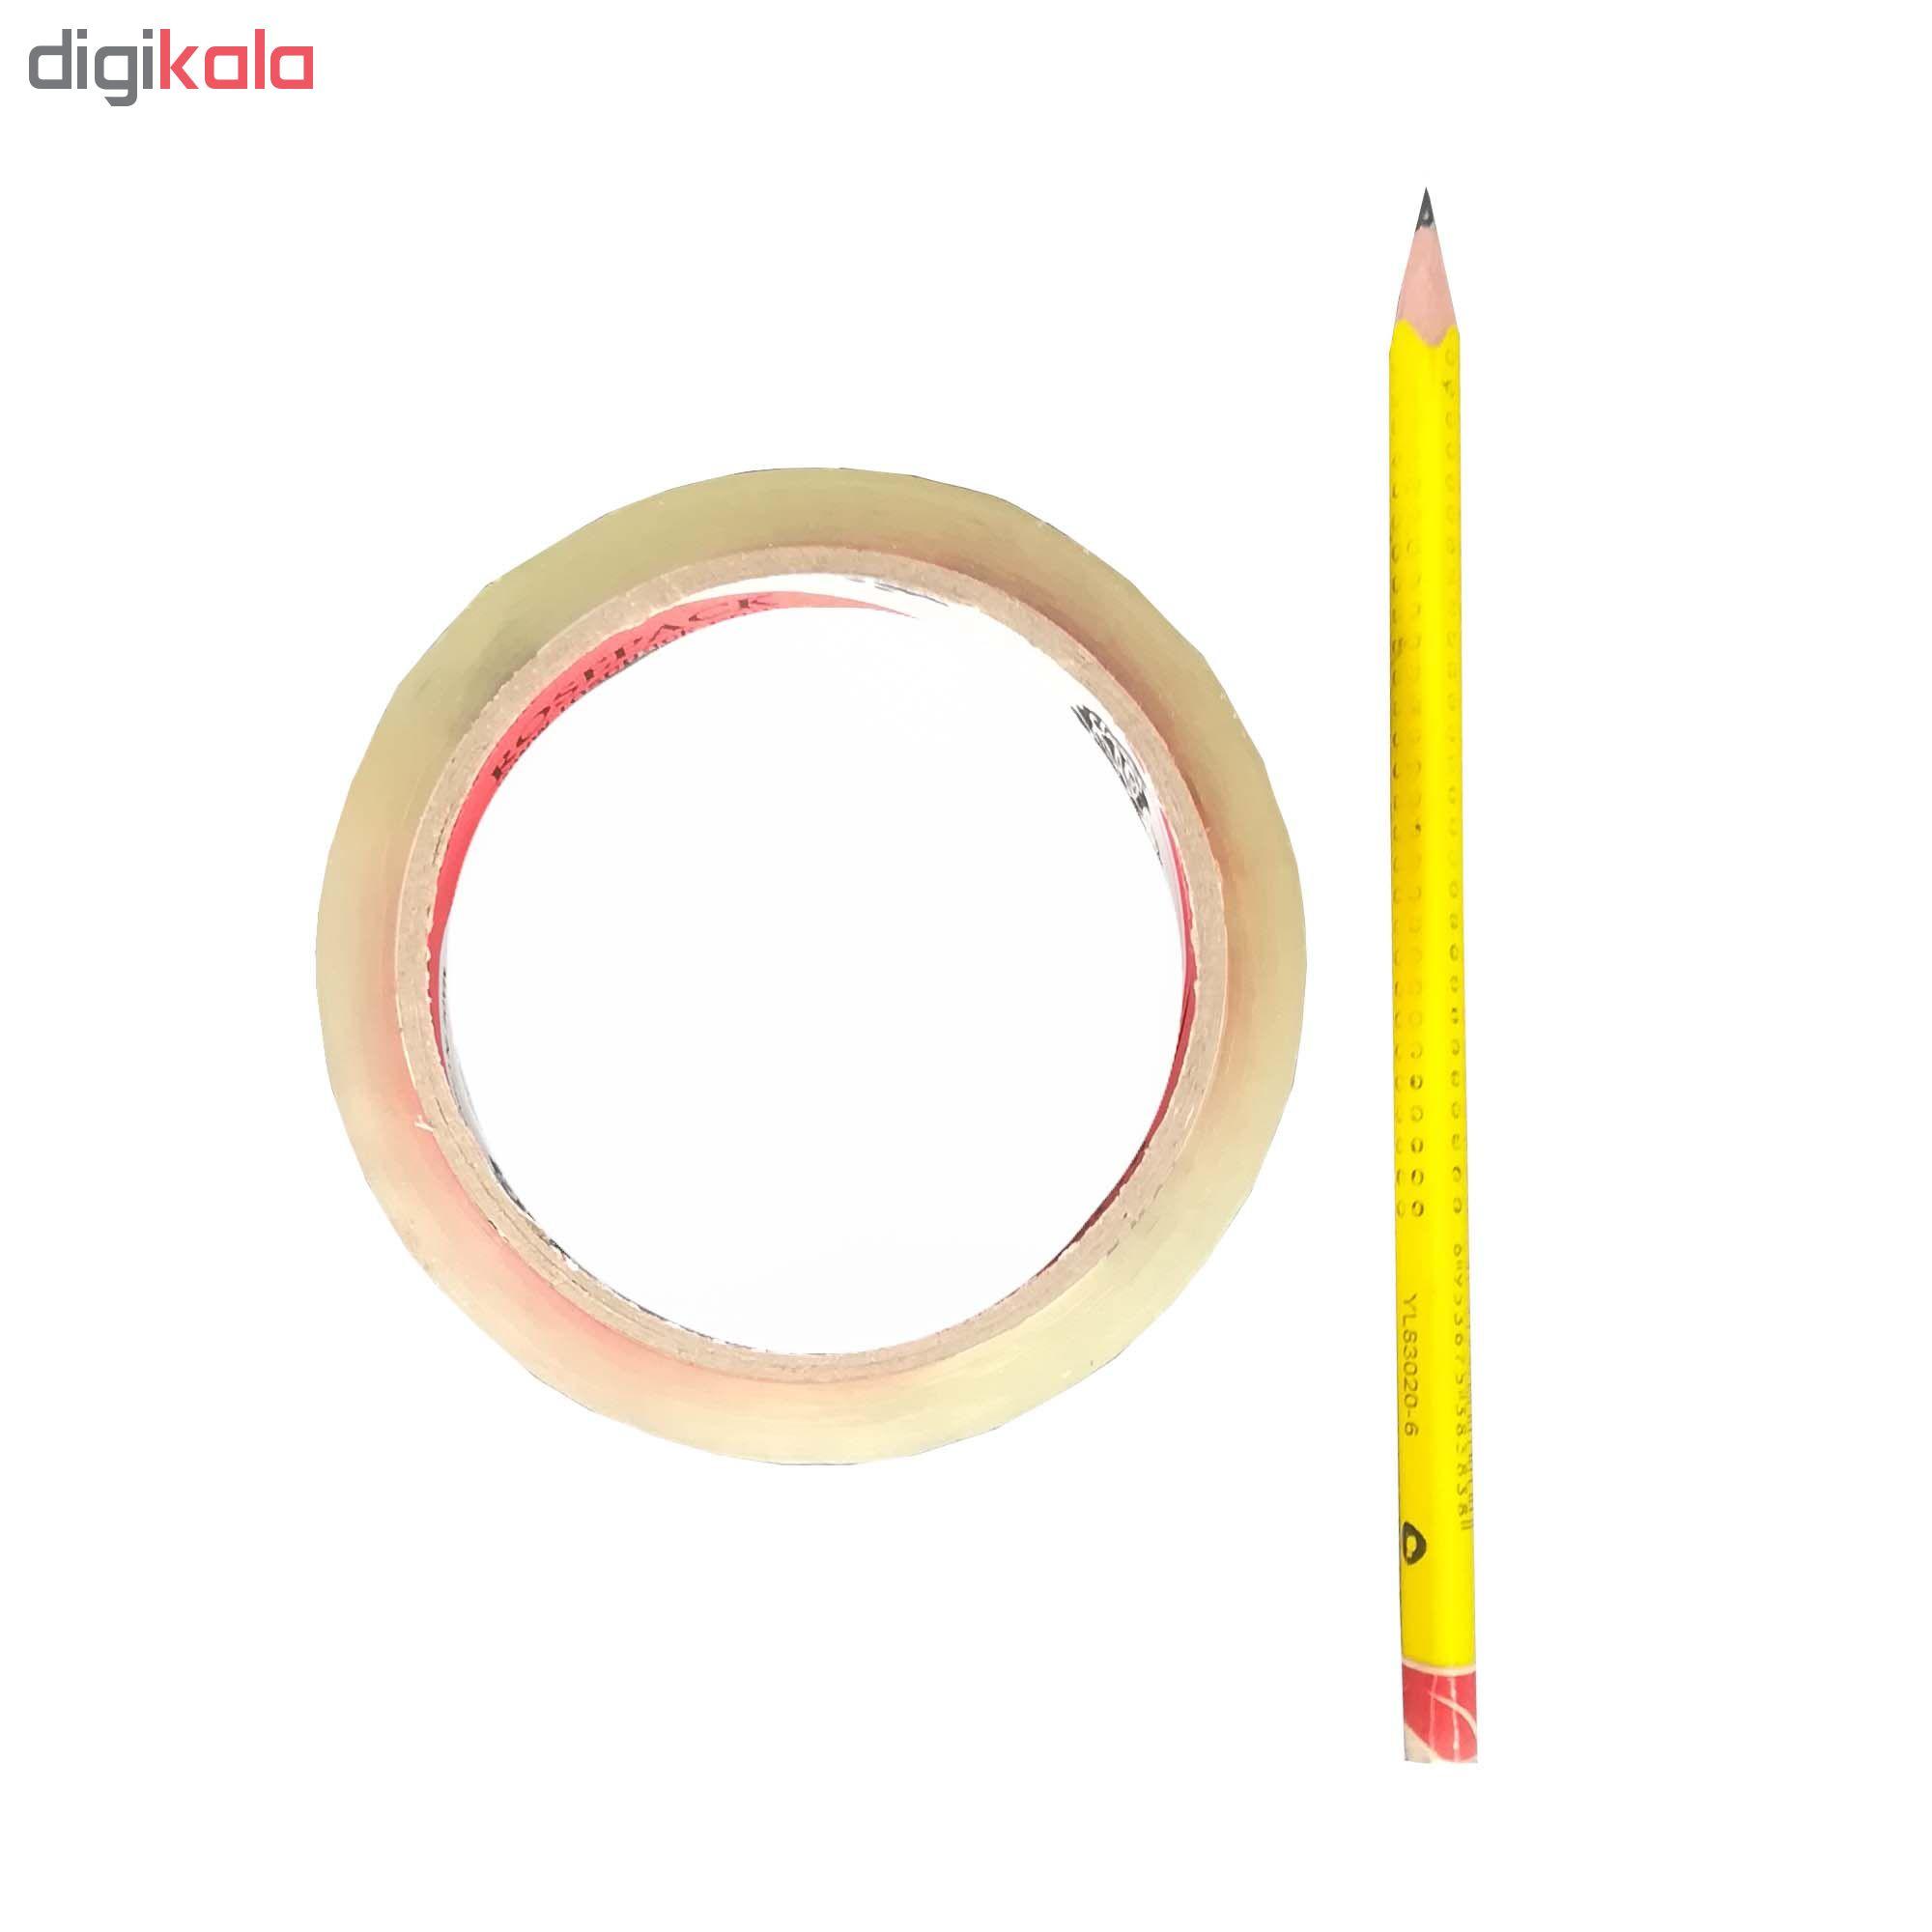 چسب نواری رزپک مدل کریستال عرض 2 سانتی متر بسته 6 عددی